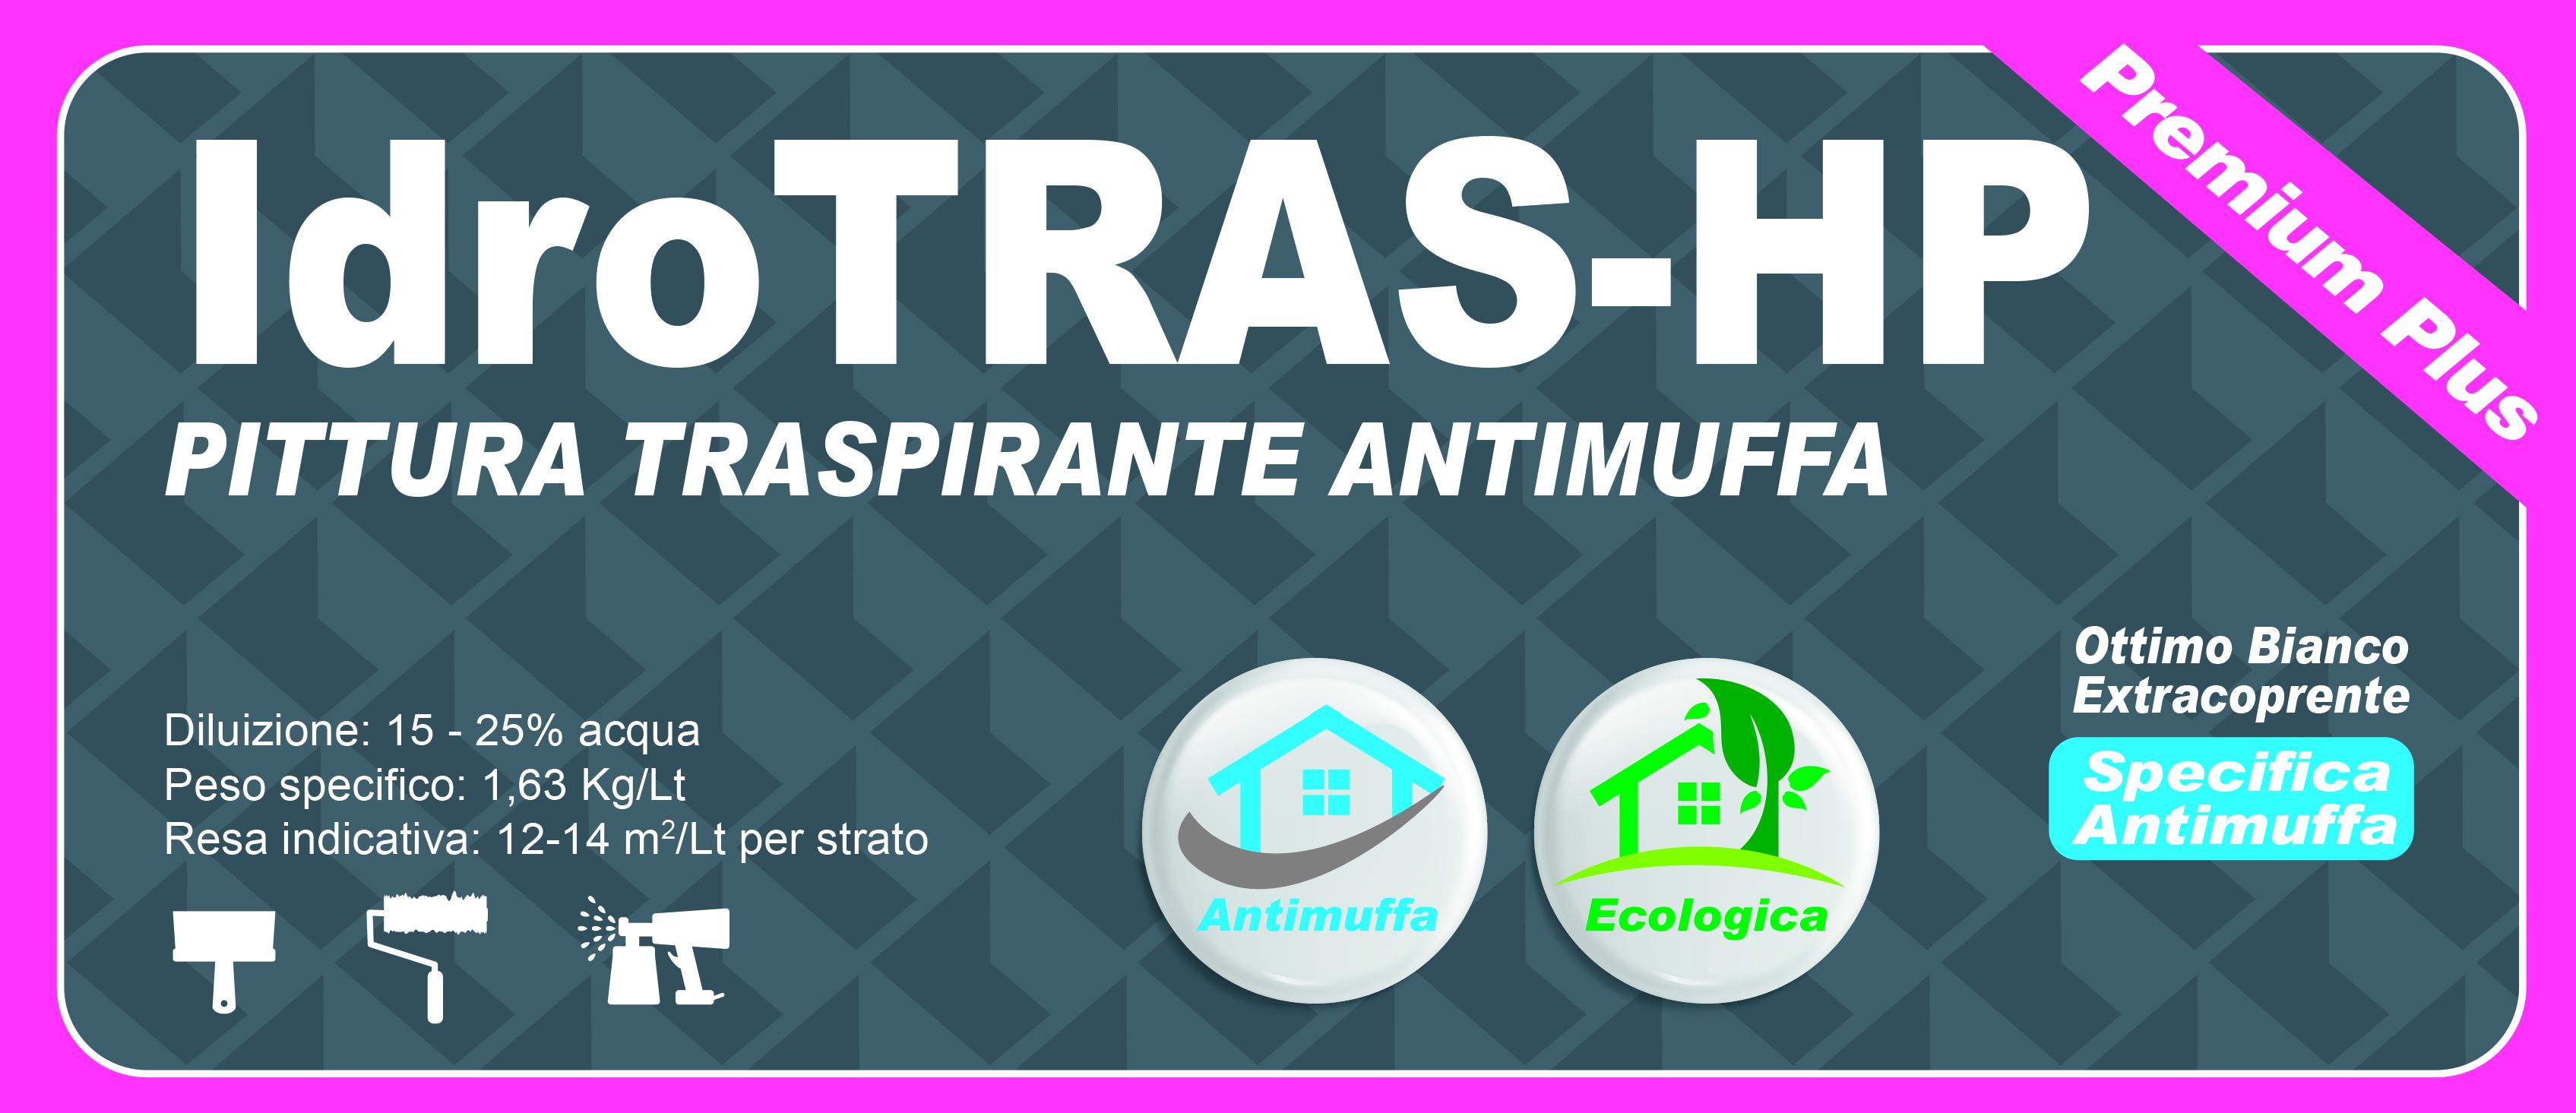 TRASPIRANTE ANTIMUFFA PREMIUM PLUS - IdroTRAS-HP 5 LT